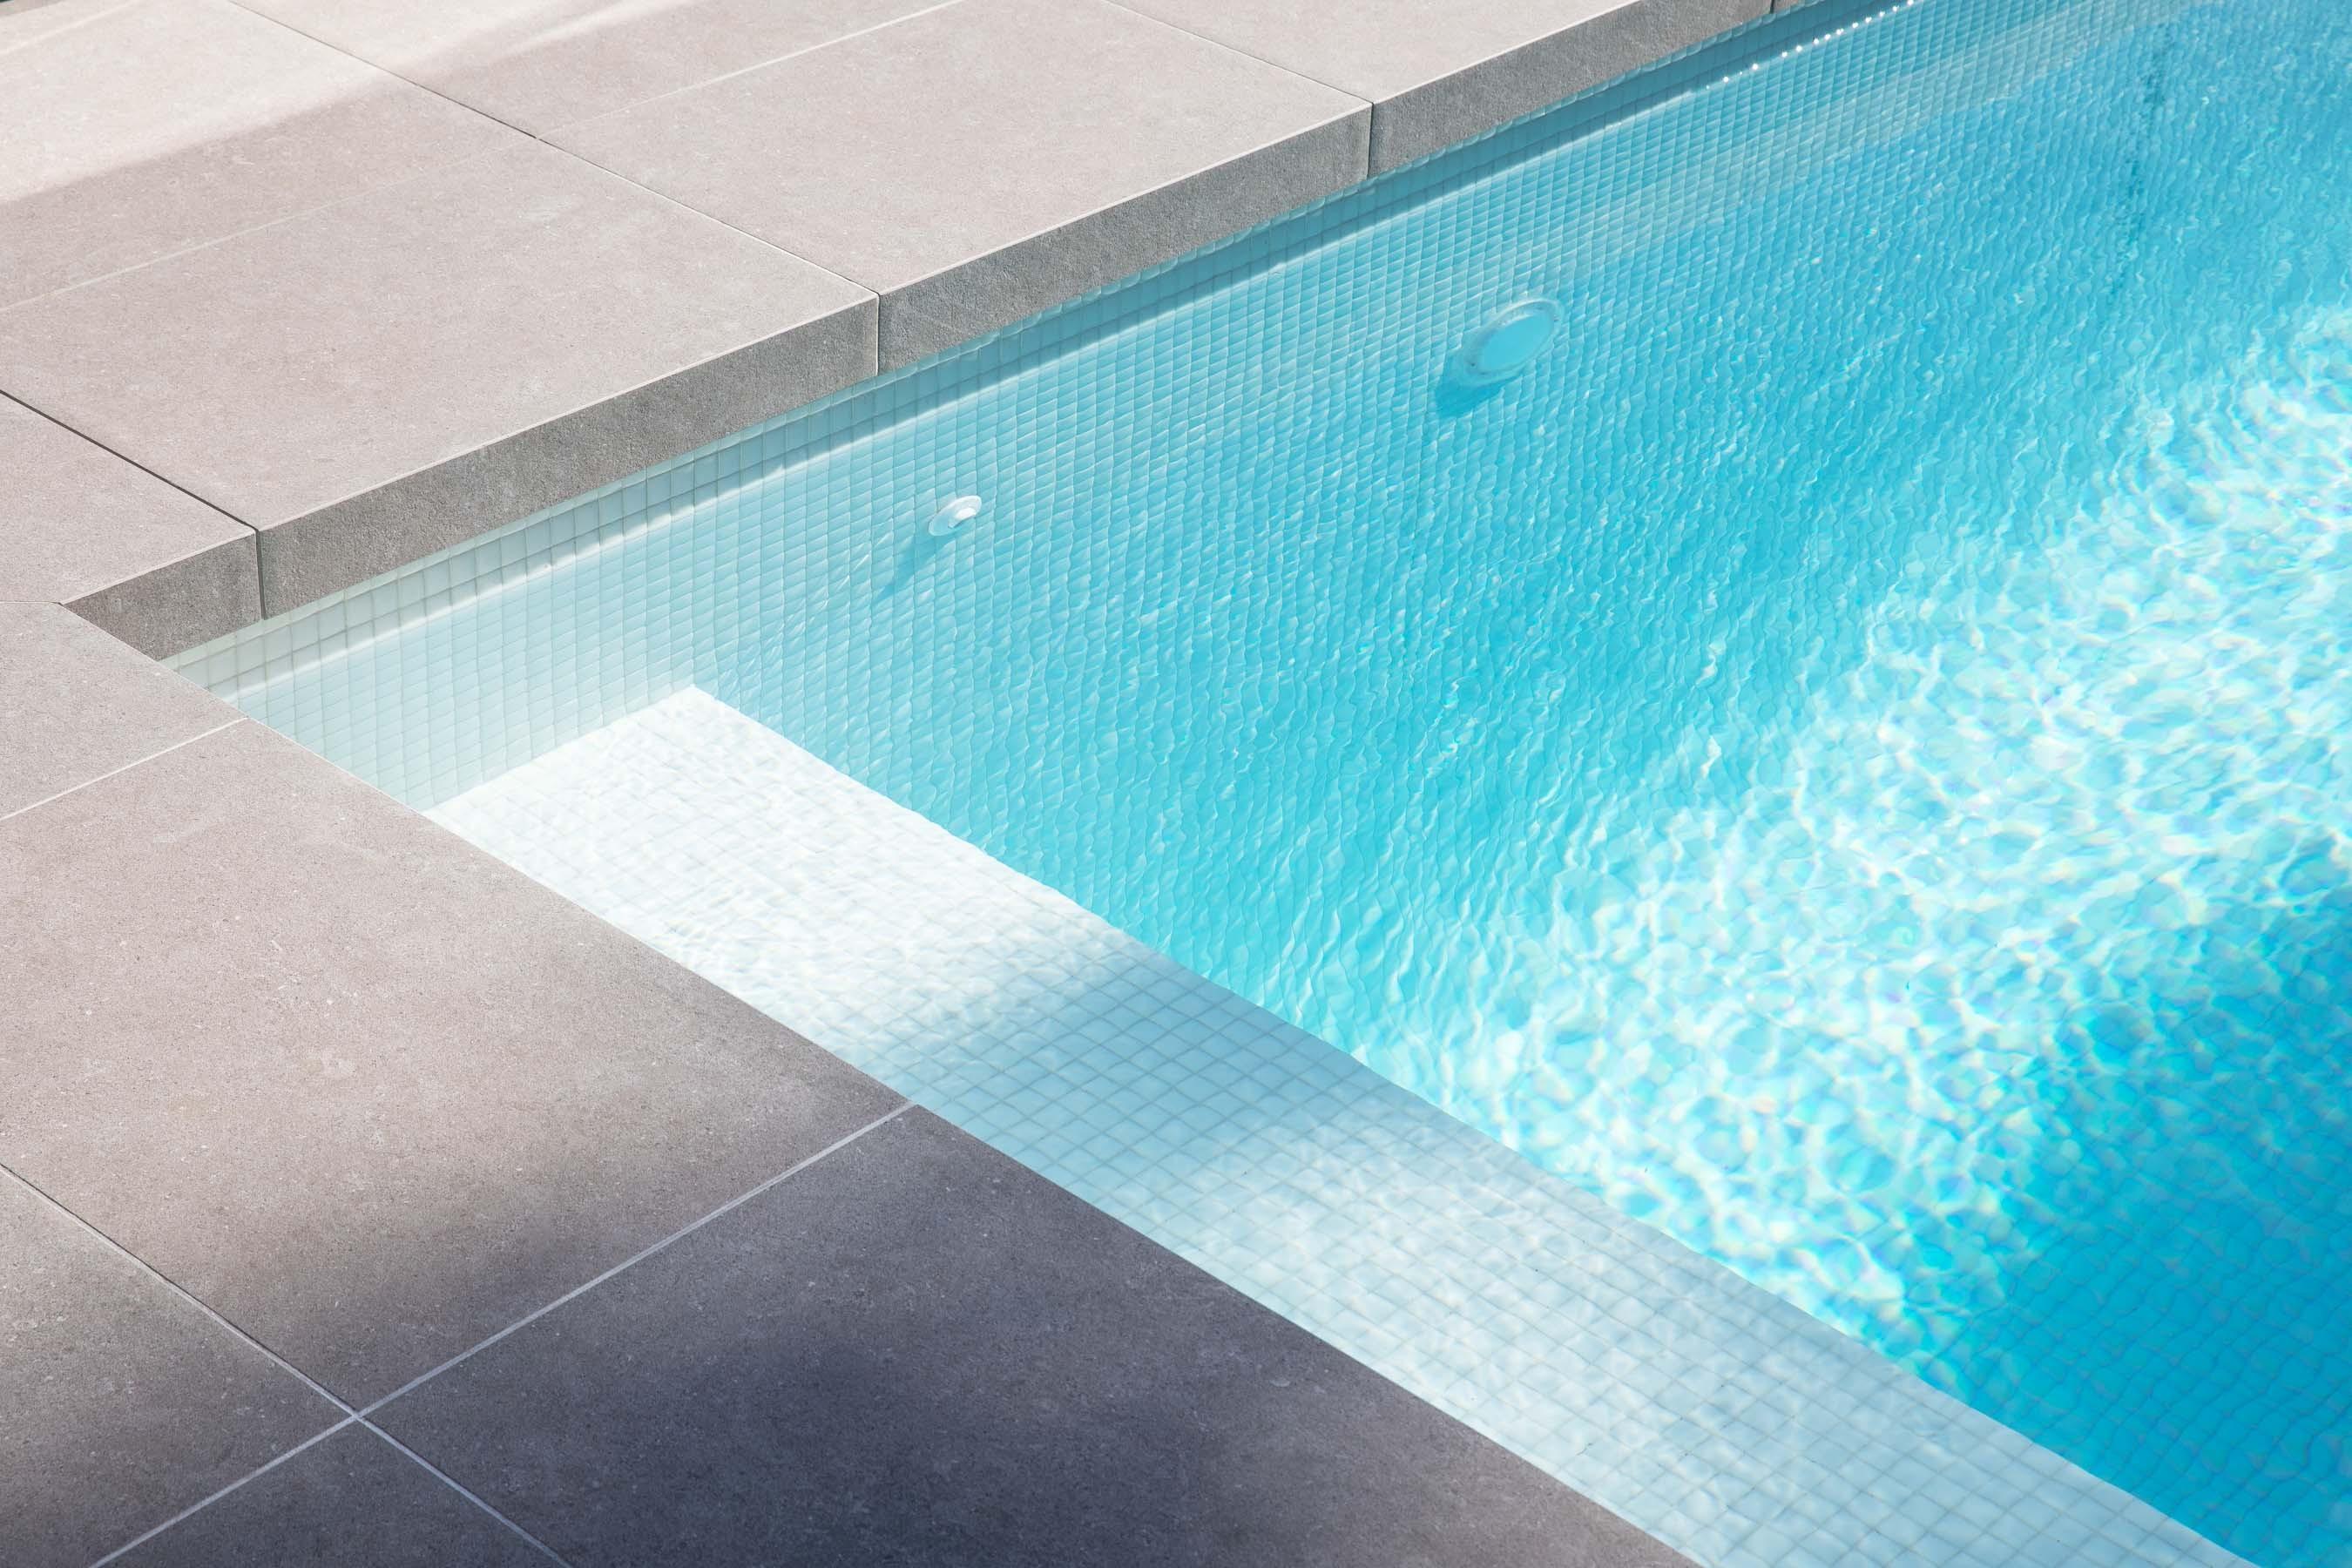 Pool-Tiles Gallery Unicolour pas-01